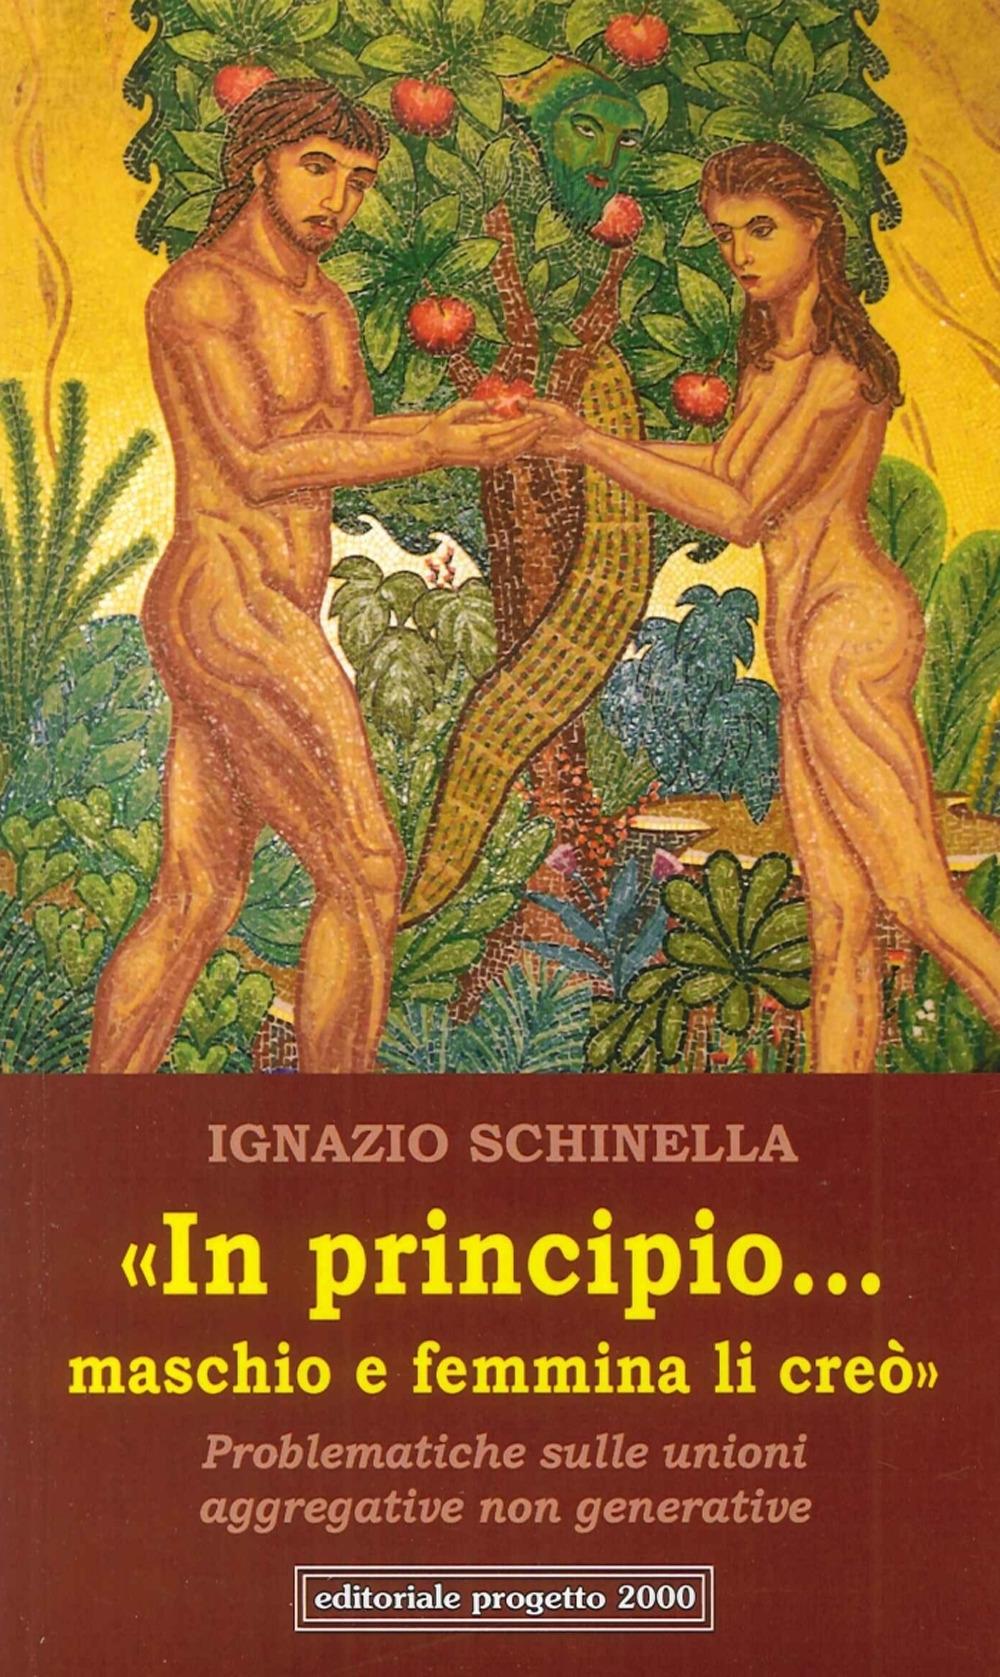 In Principio...maschio e Femmina Li Creo'. Problematiche sulle Unioni Aggregative non Generative.